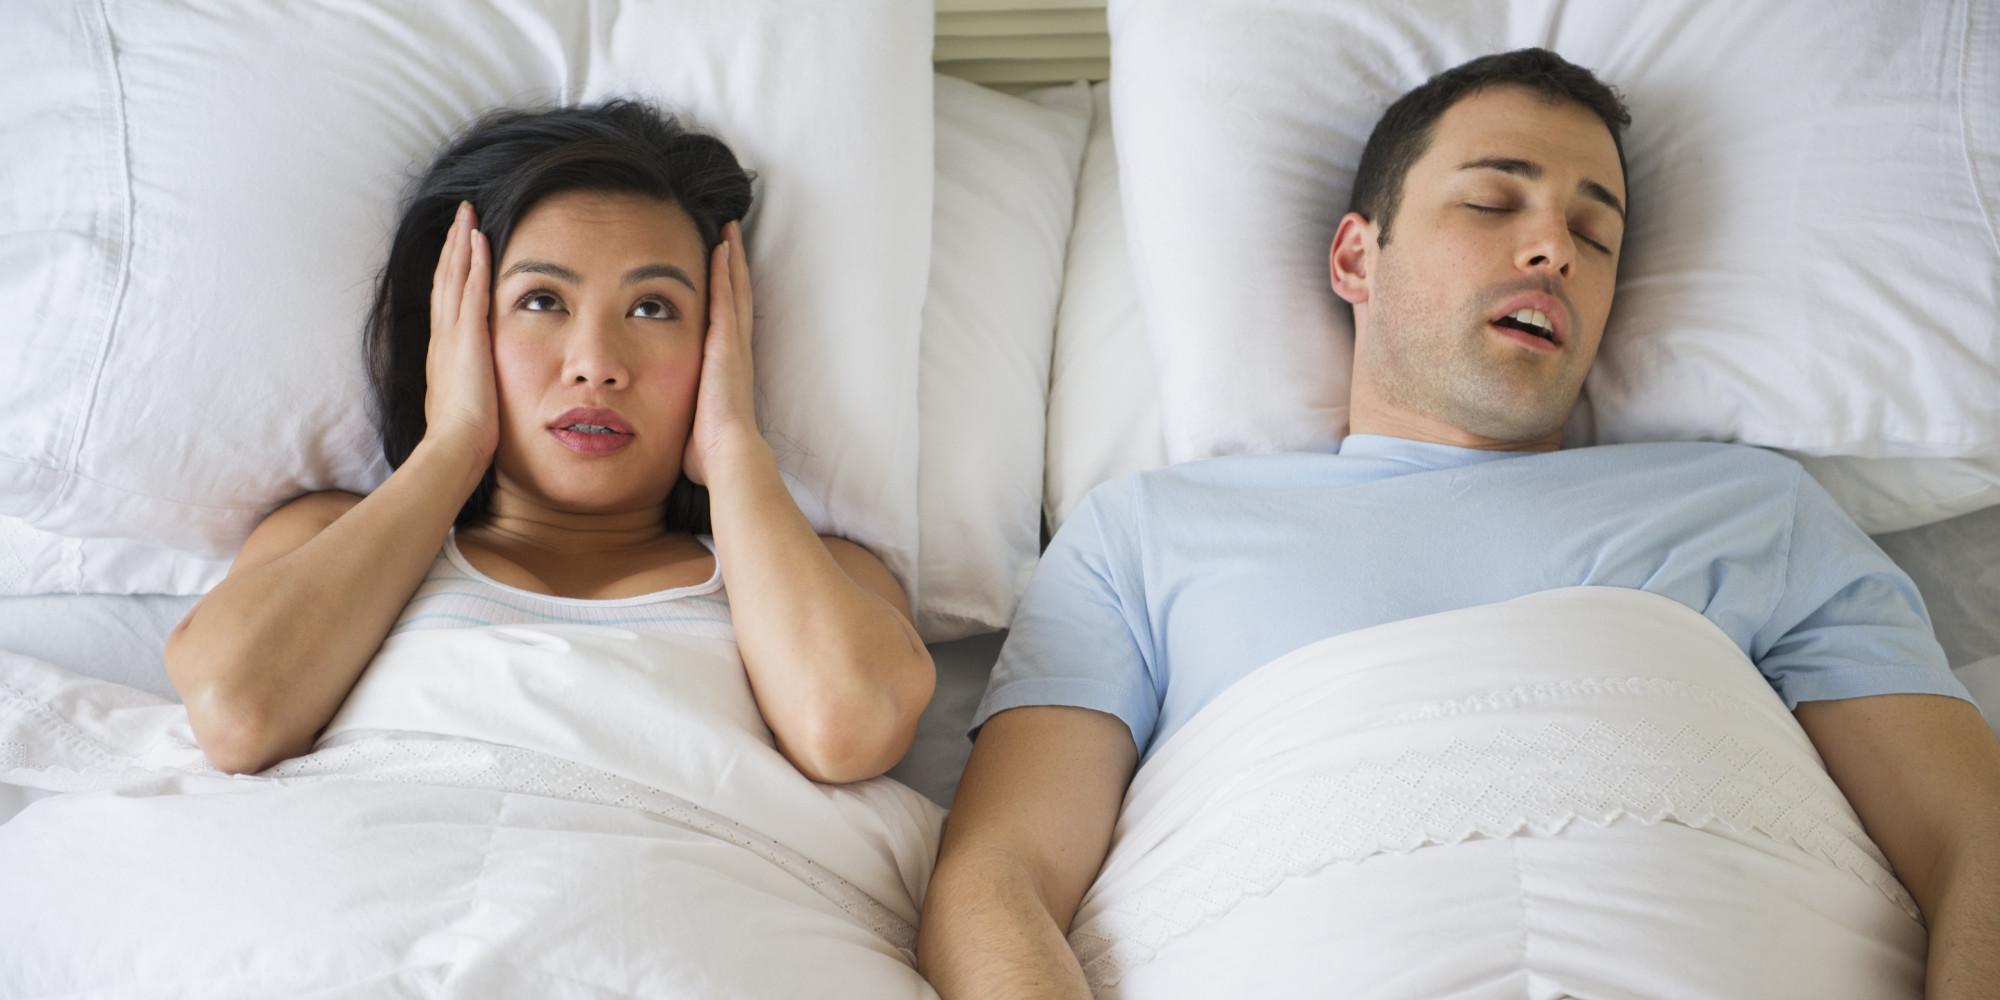 how to detect sleep apnea